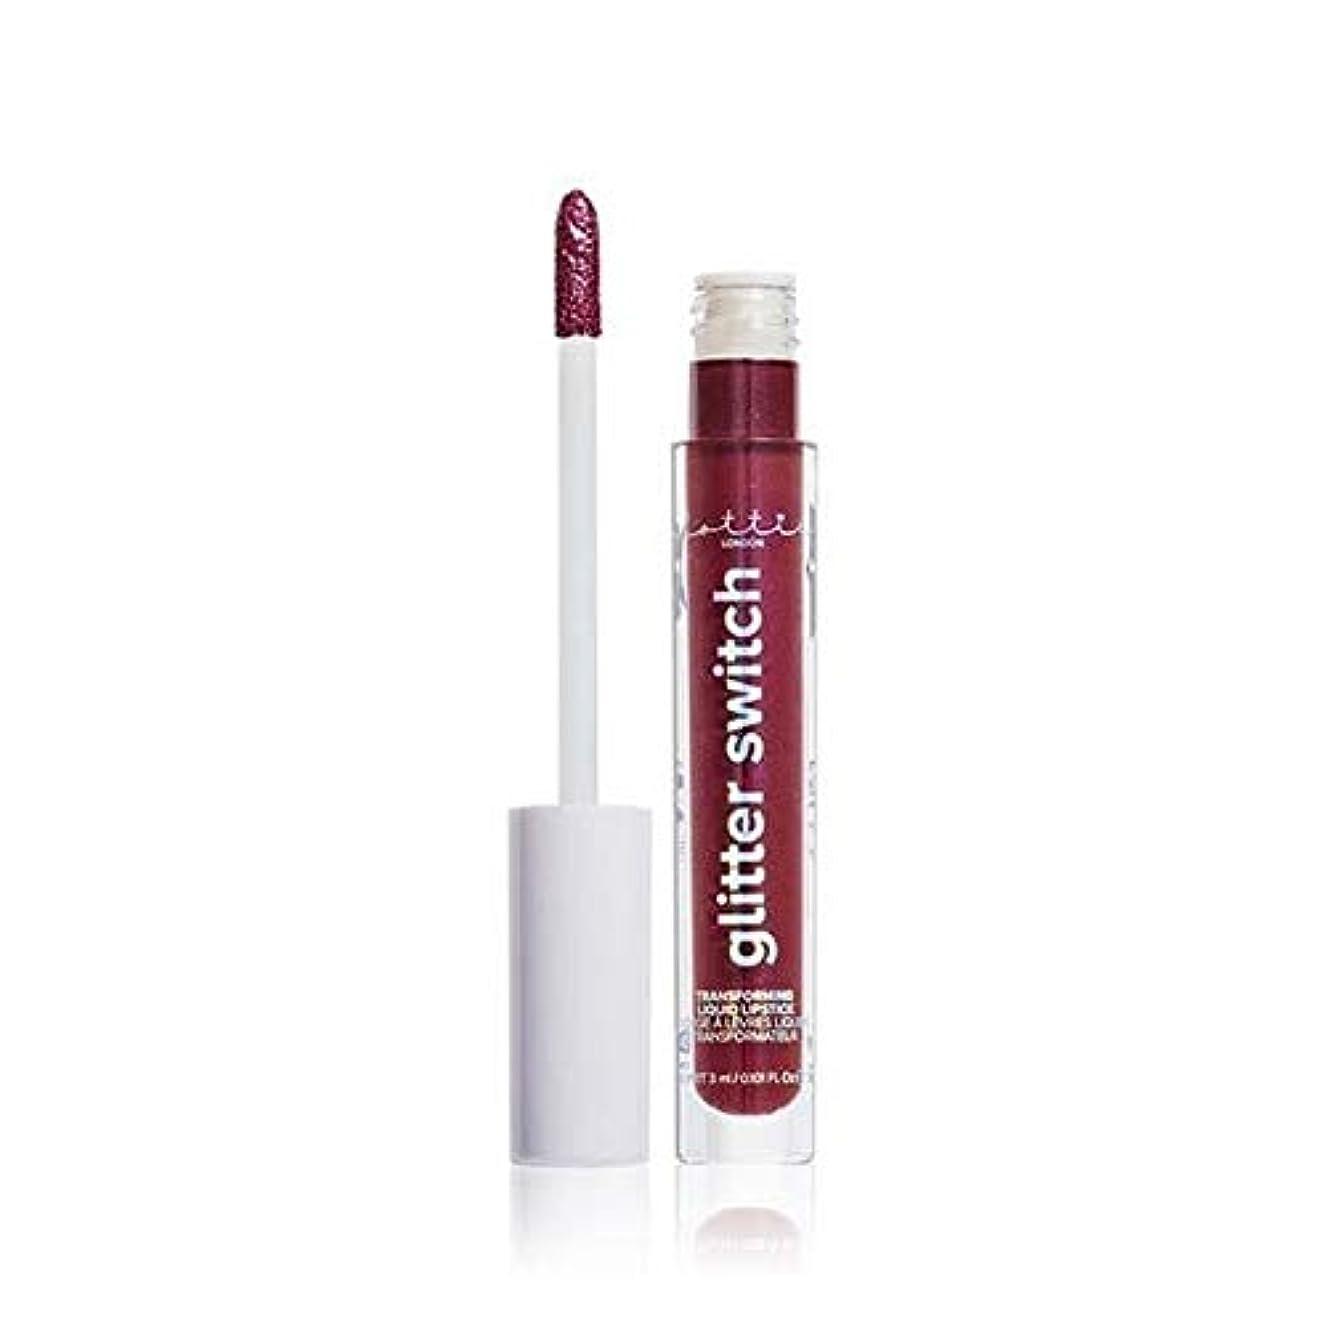 彫刻家シビックアサー[Lottie London] Lottieロンドングリッタースイッチはそれをキリン口紅を変換します - Lottie London Glitter Switch Transform Lipstick Killin It...